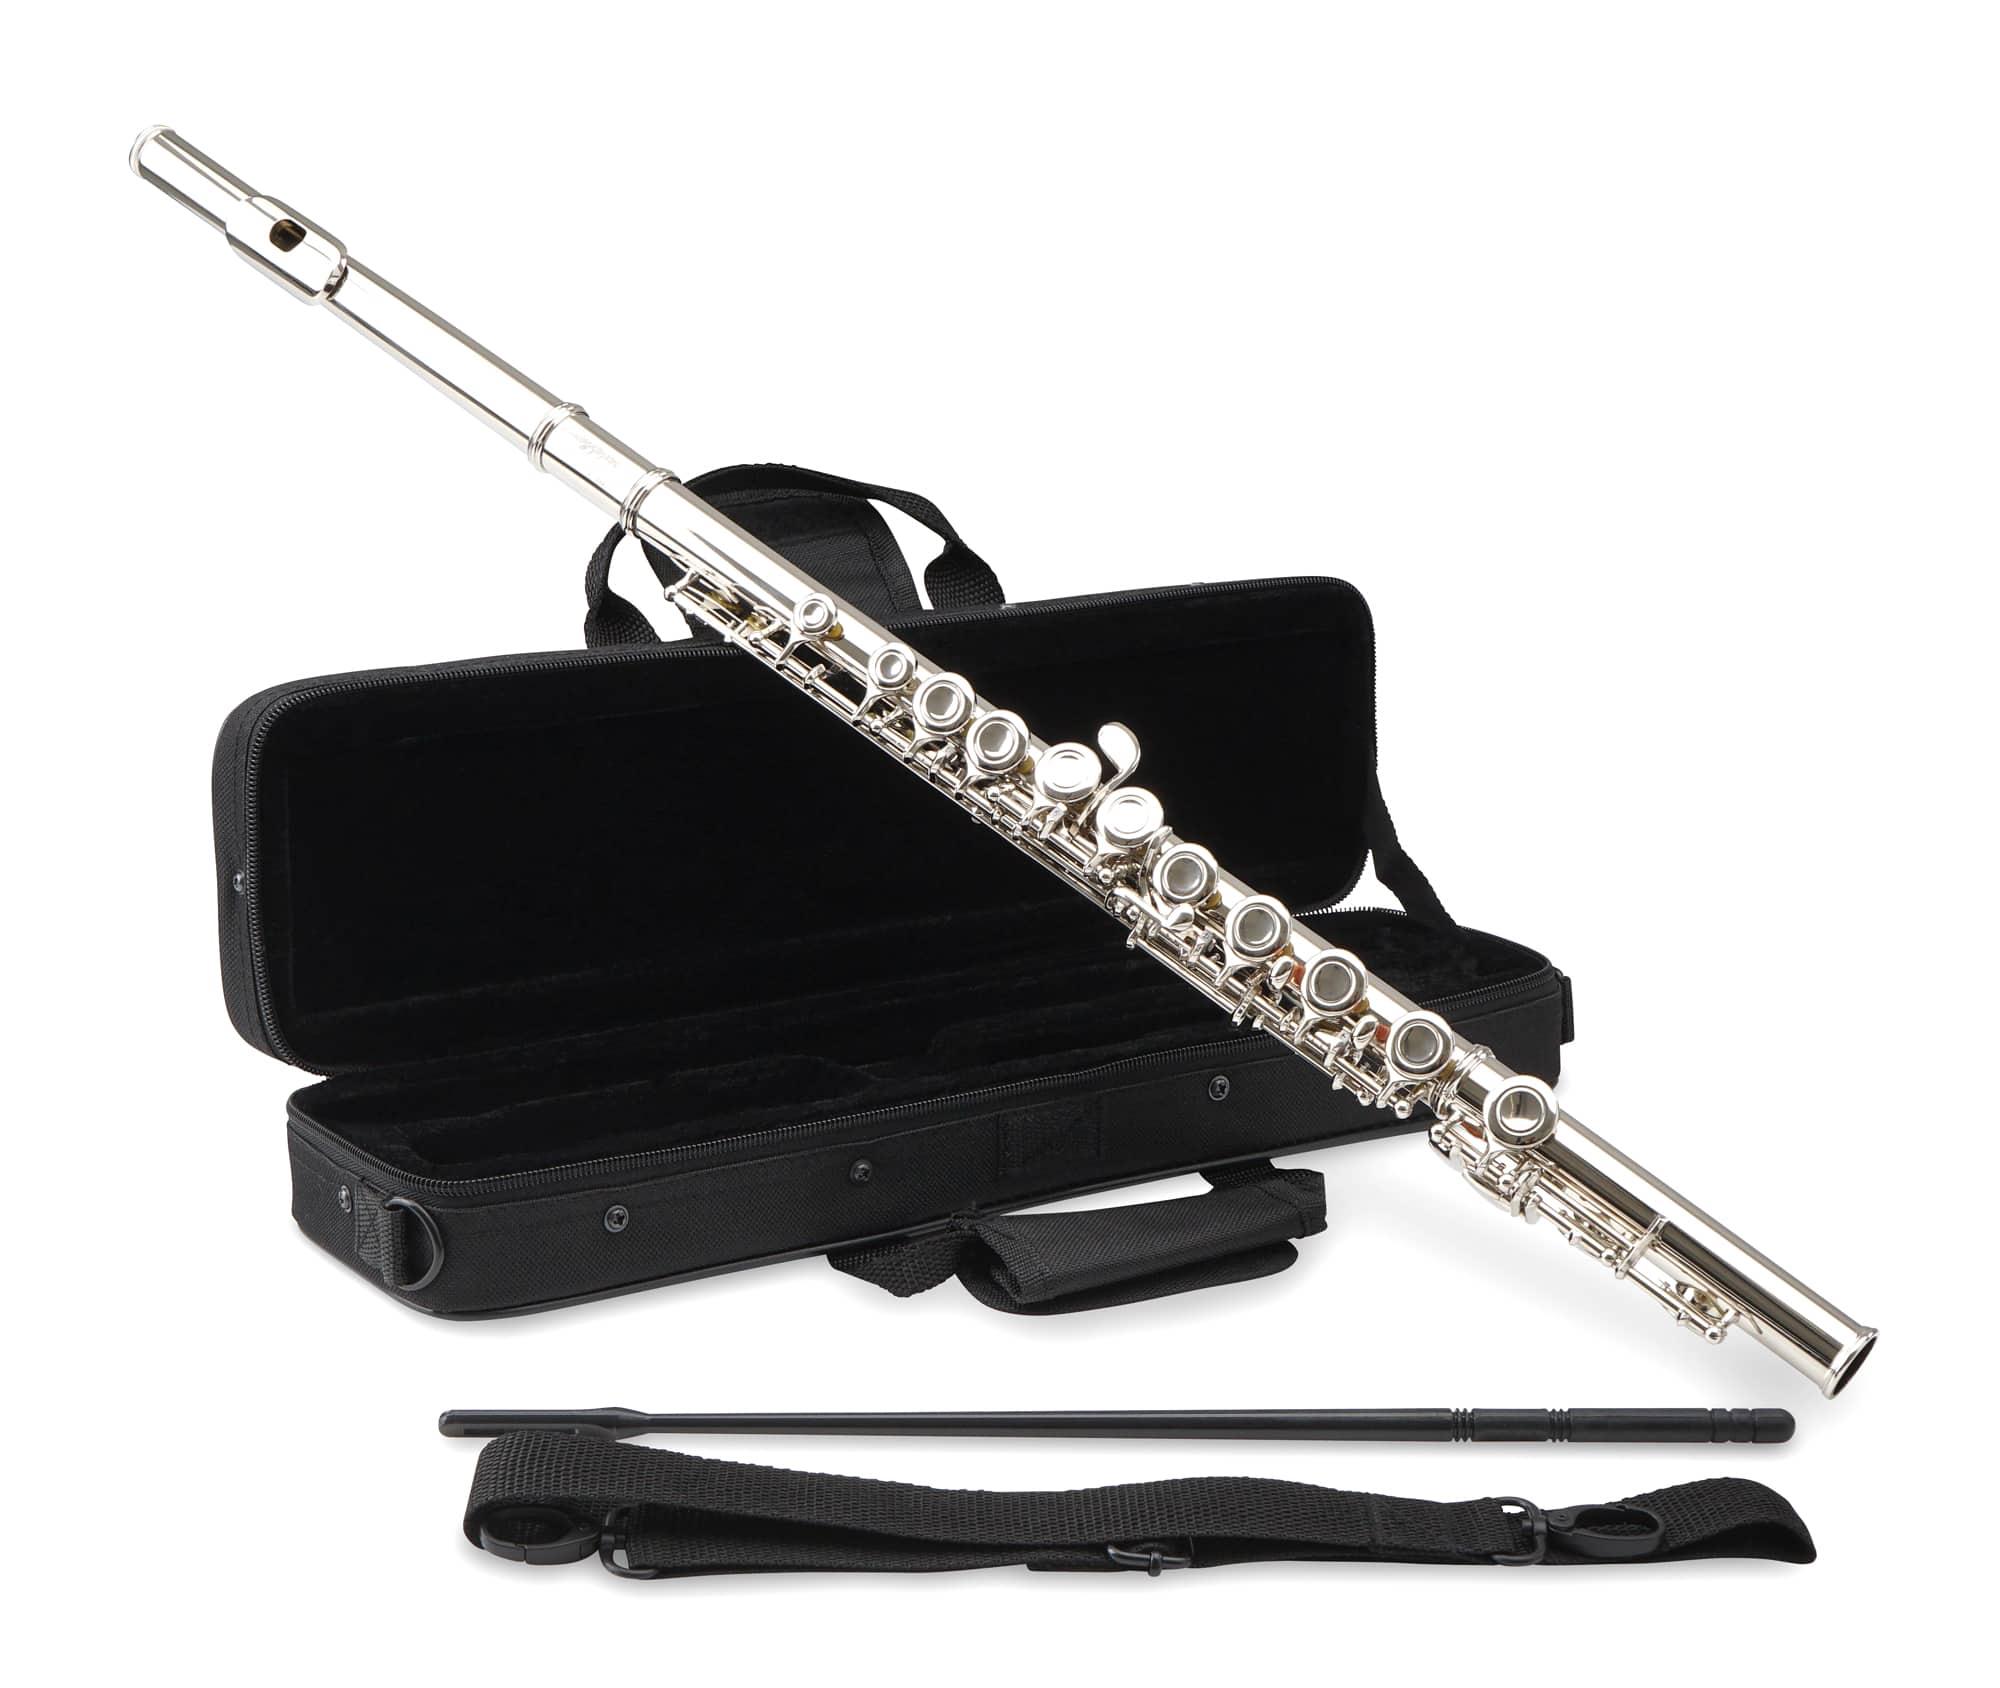 Sonstigeblasinstrumente - Classic Cantabile FL 100 Querflöte, Neusilber - Onlineshop Musikhaus Kirstein